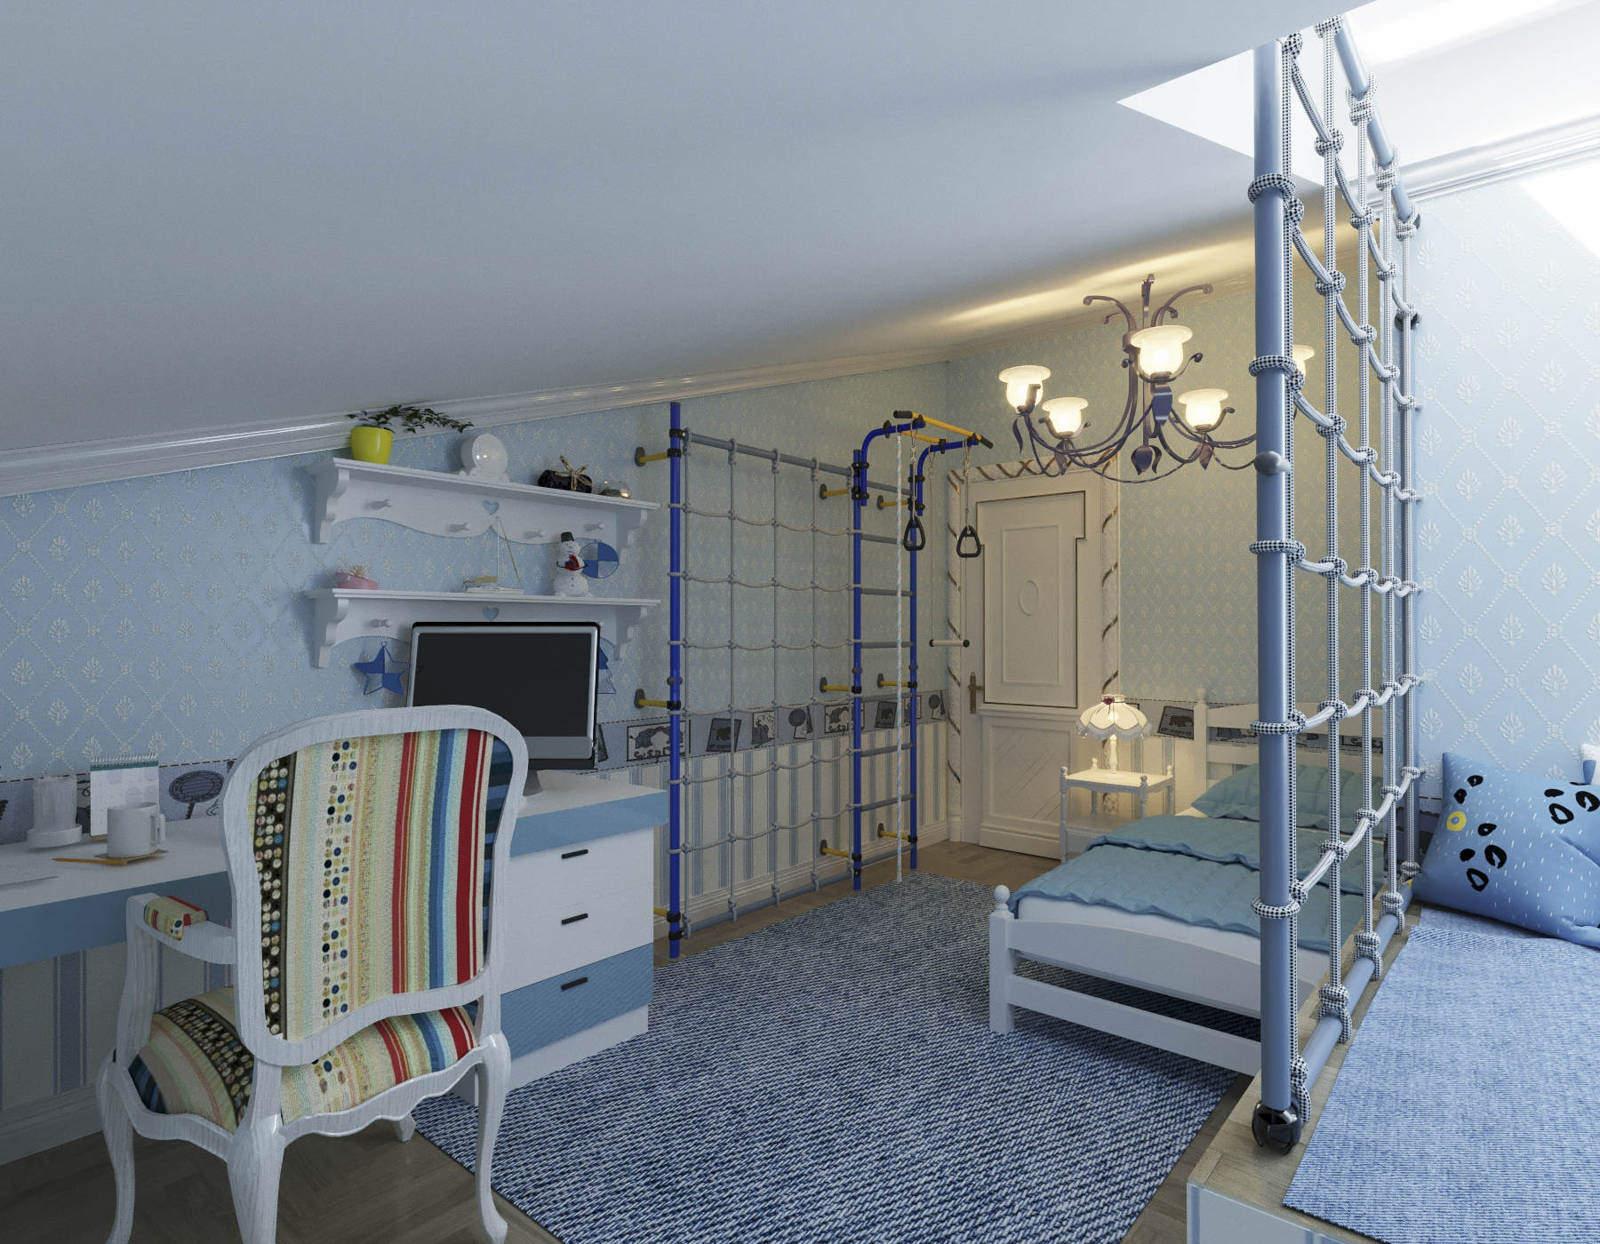 Дизайн детской комнаты Киев спортивный уголок шведская стенка рабочее место нео классика, стильная